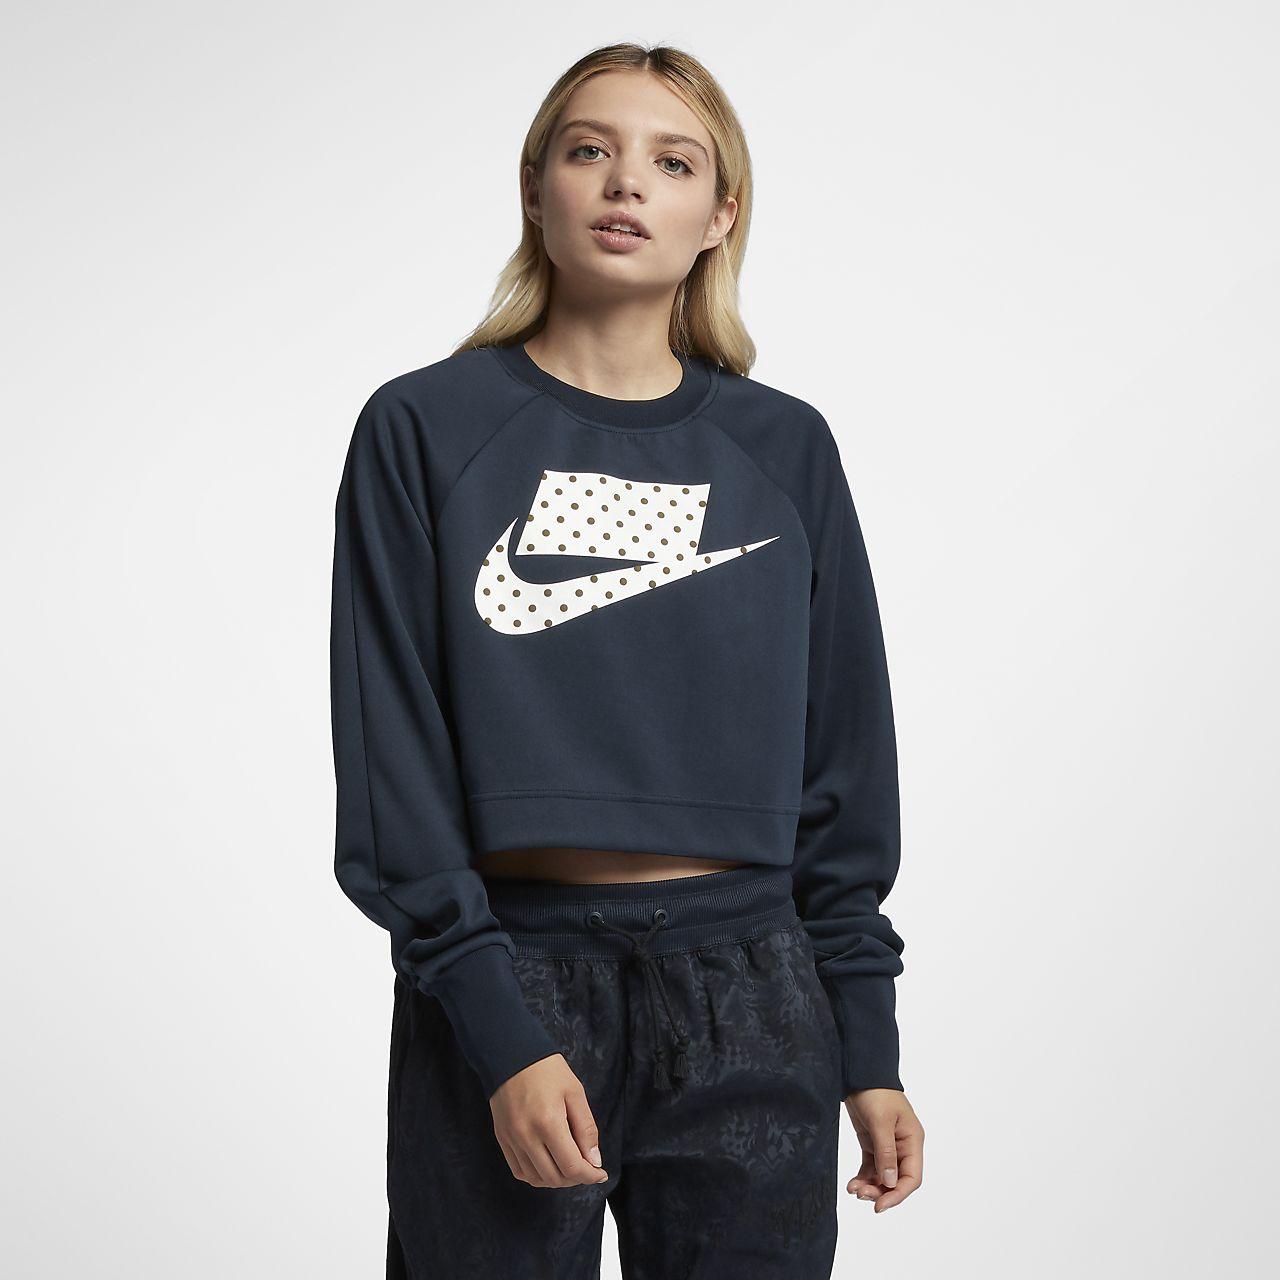 Nike Sportswear avkortet damegenser